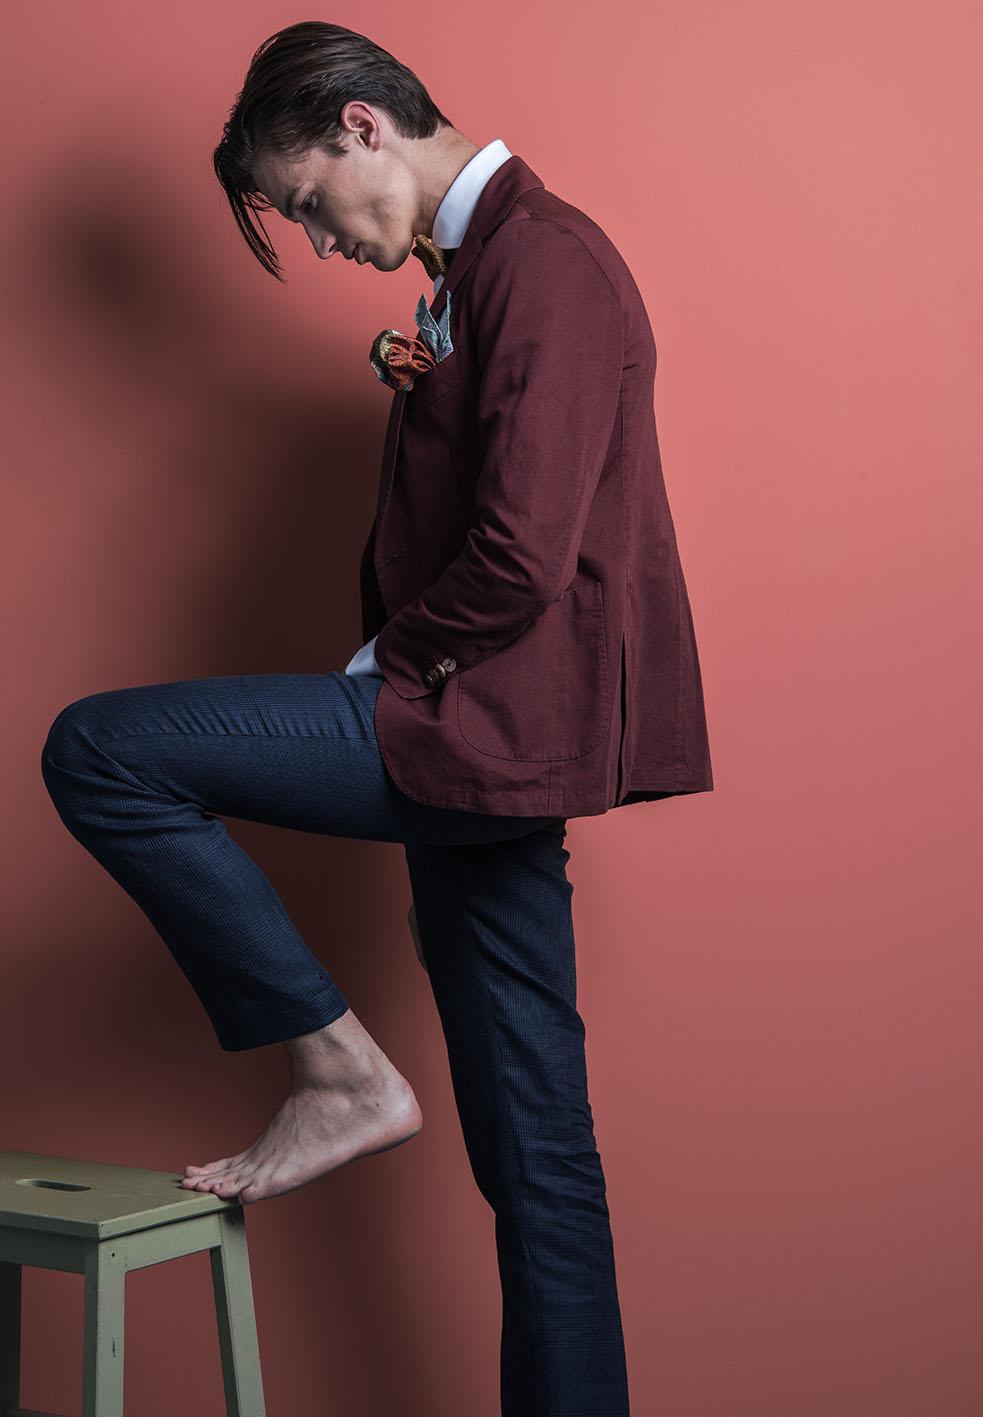 Pochette Square habille les Dandys, accessoires en soie, laine graphiques et chics. Photo Laurent Scavone. Sakkamoto est une agence de communication et de création de contenu Lilloise. Photos de mode, création publicitaire, contenu pour les réseaux sociaux. Photographe et directeurs artistiques bienvenue chez Sakkamoto